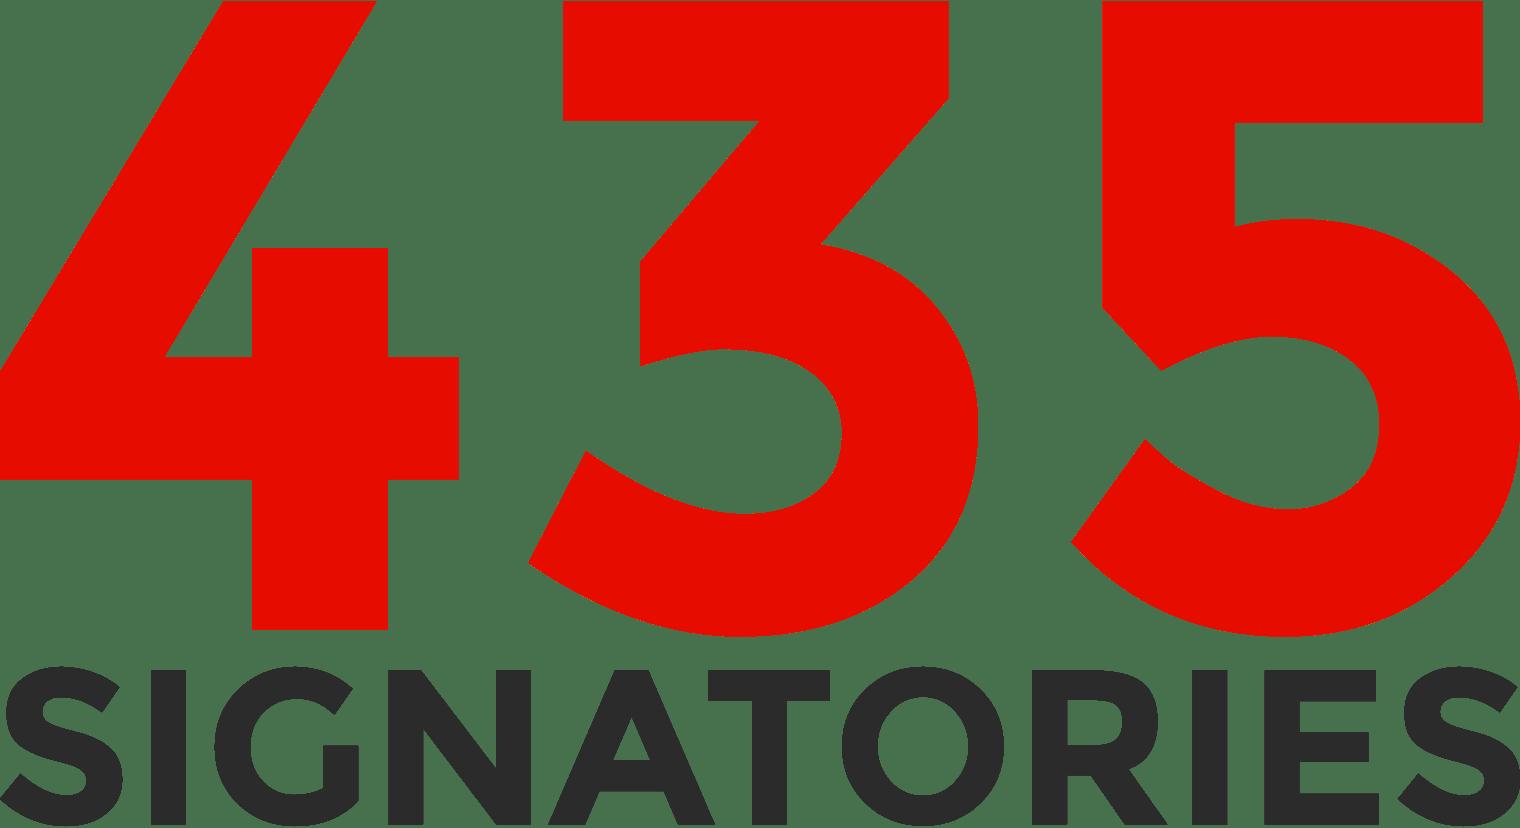 435 signatories